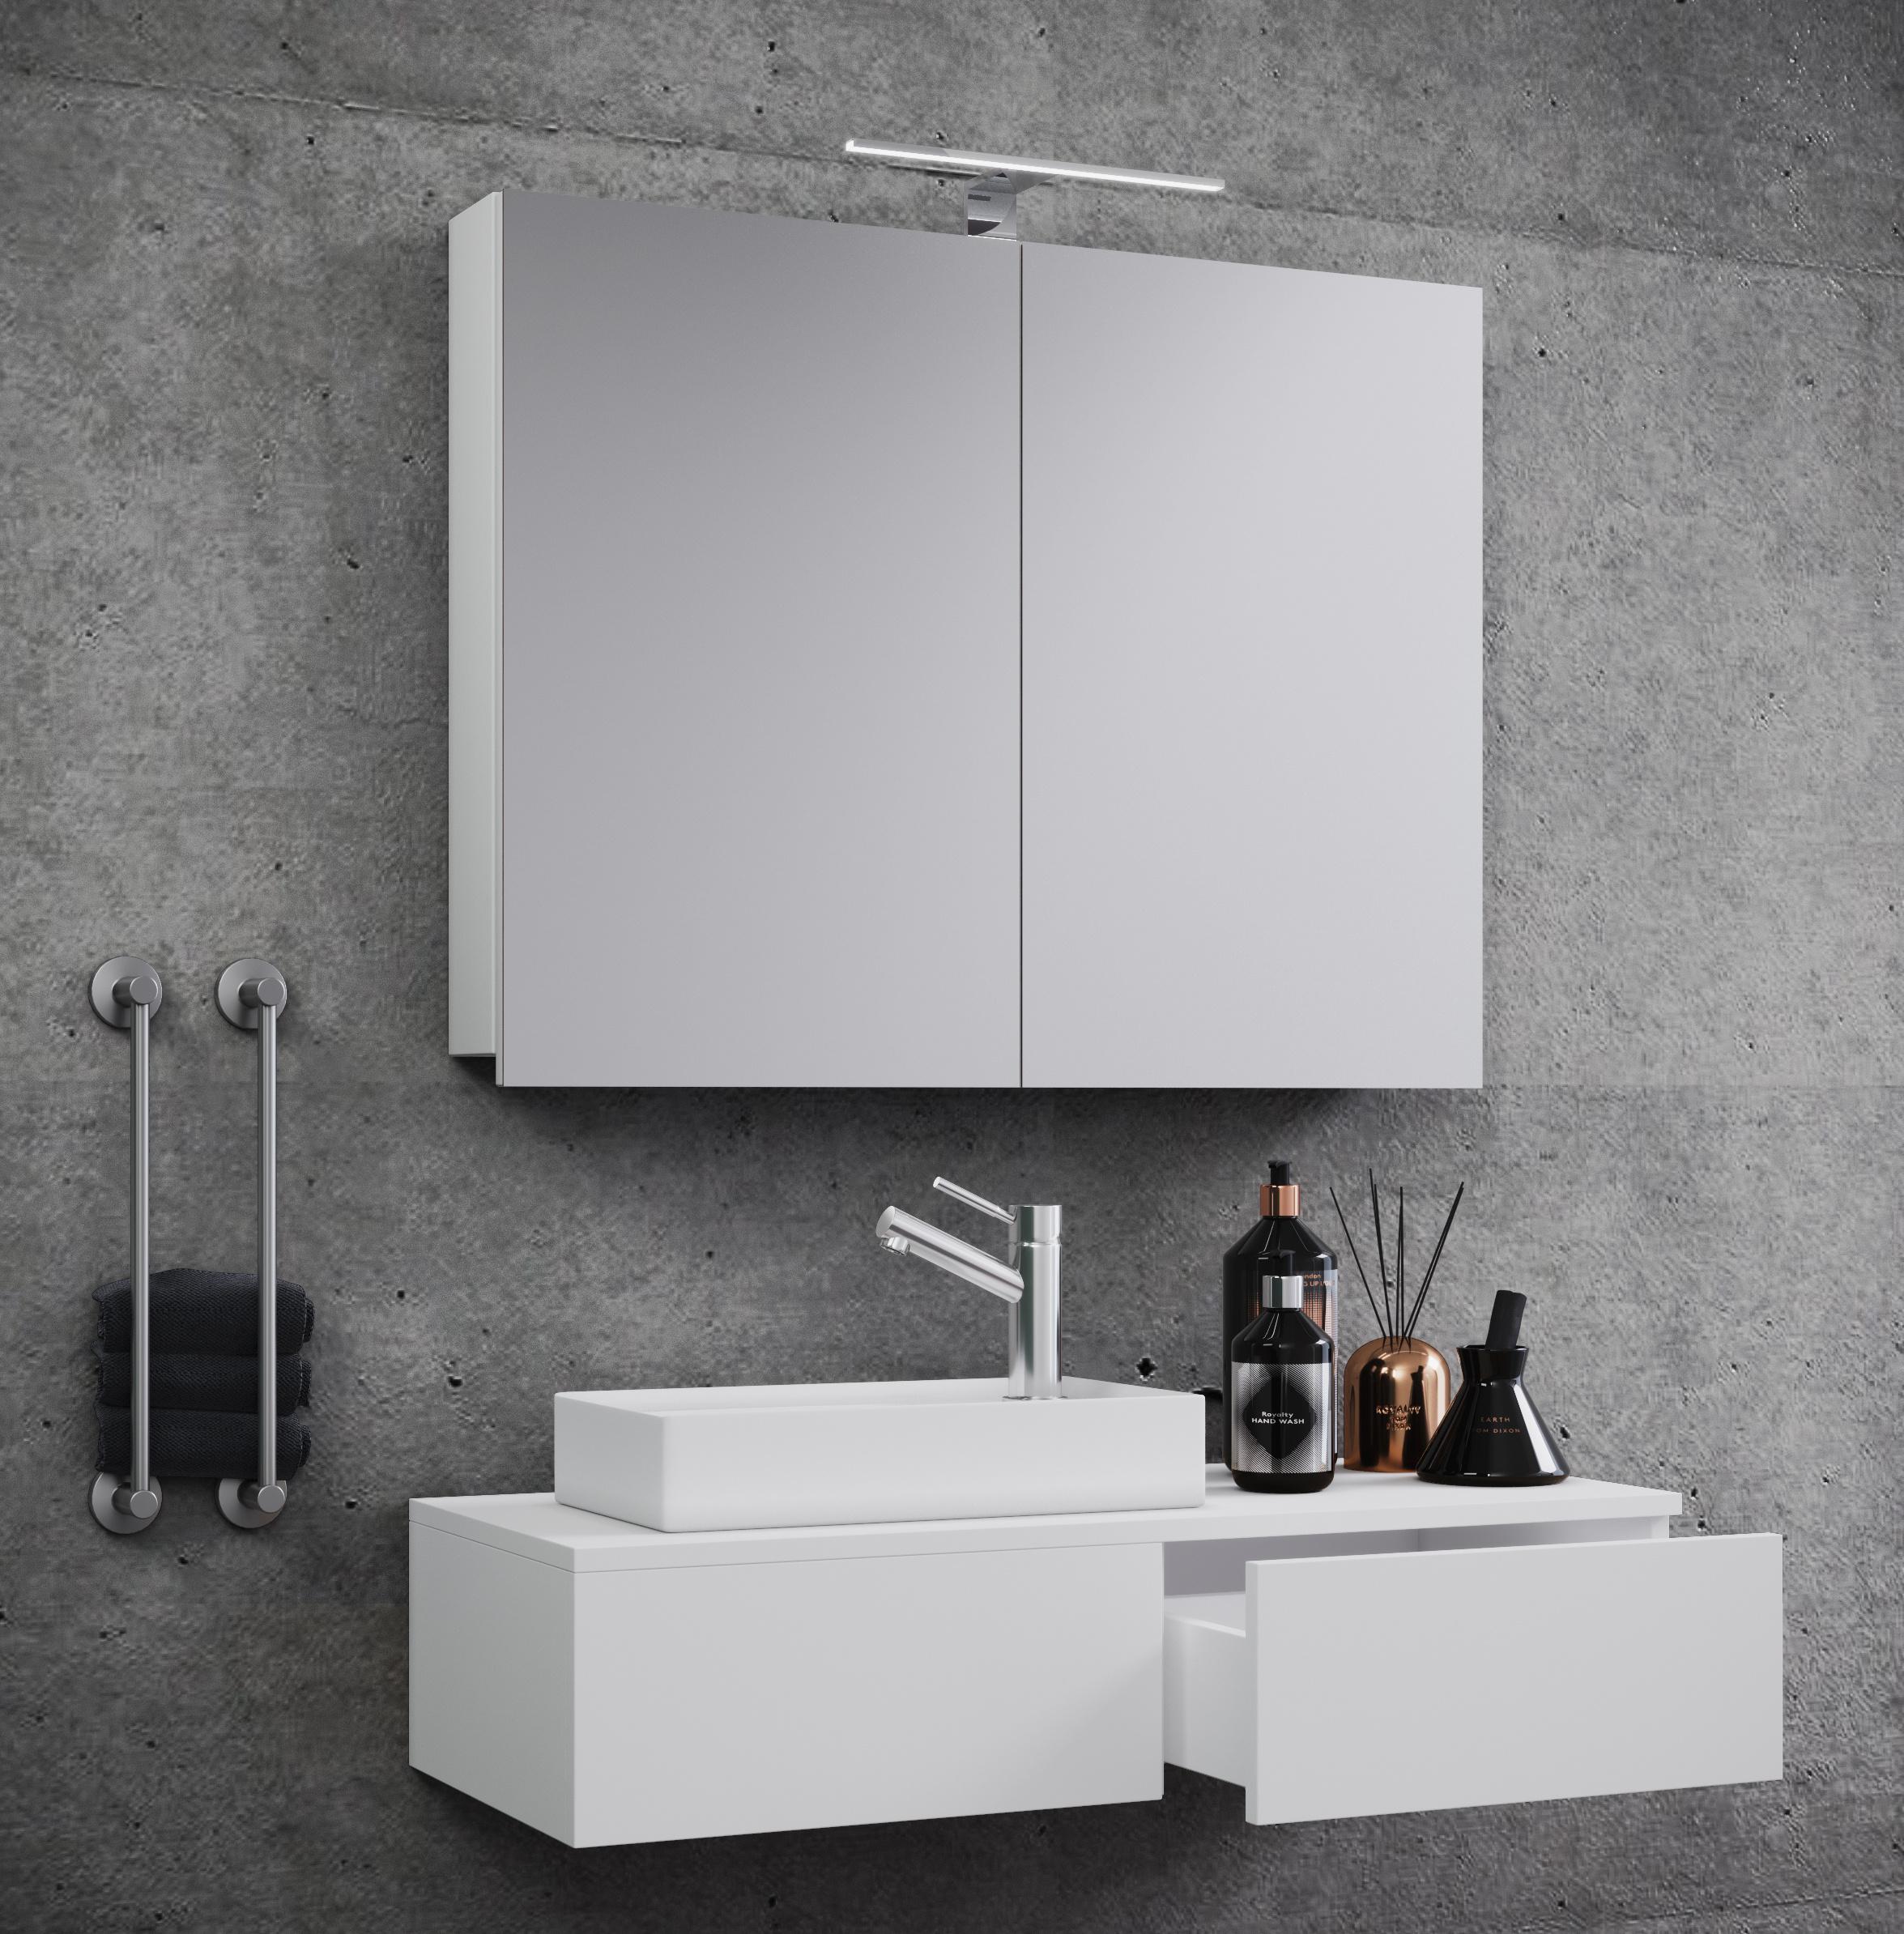 Waschplatz Badmöbel Badezimmer Set Waschtisch Waschbecken